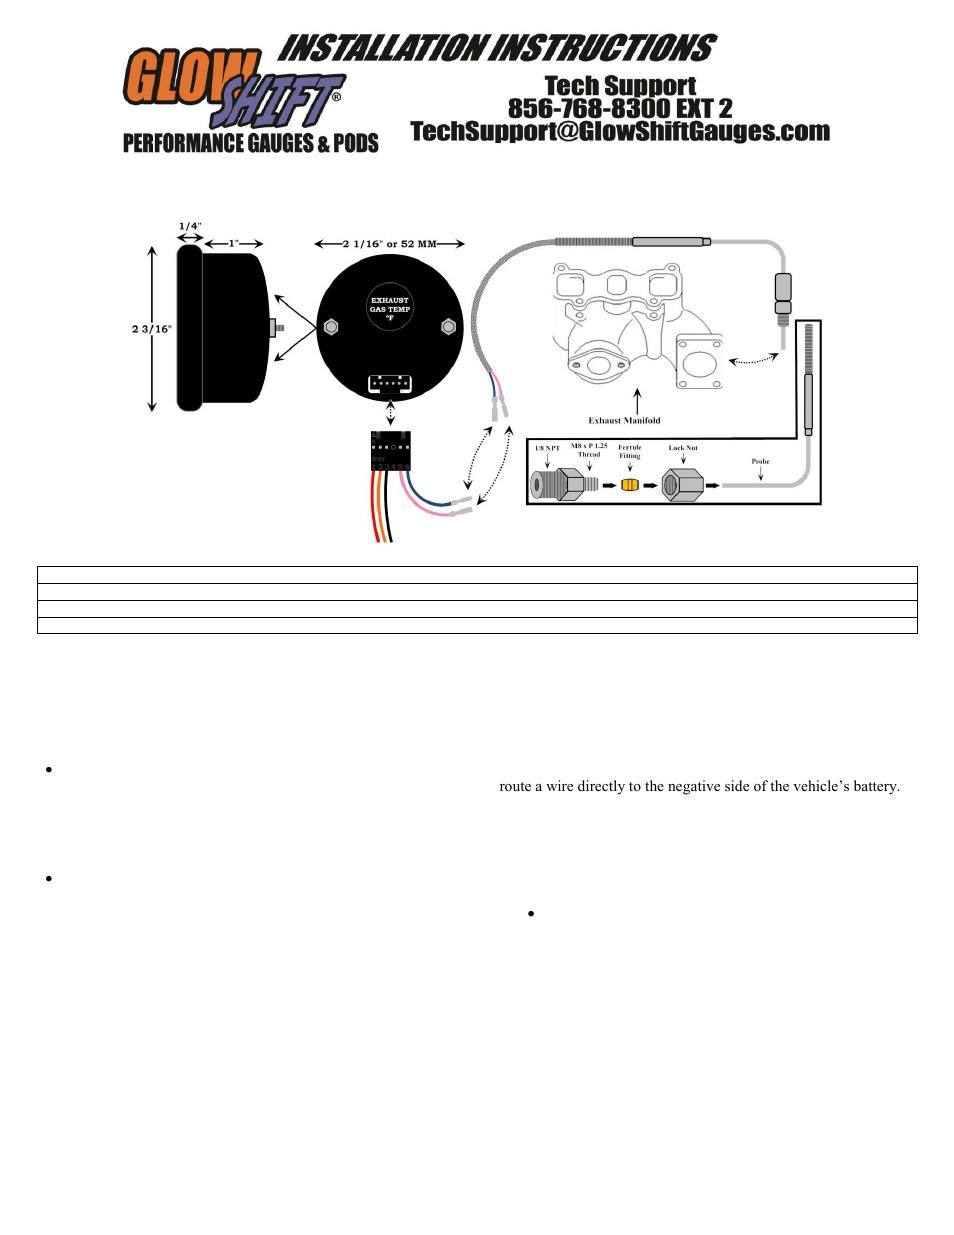 autometer pyrometer wiring diagram. Black Bedroom Furniture Sets. Home Design Ideas